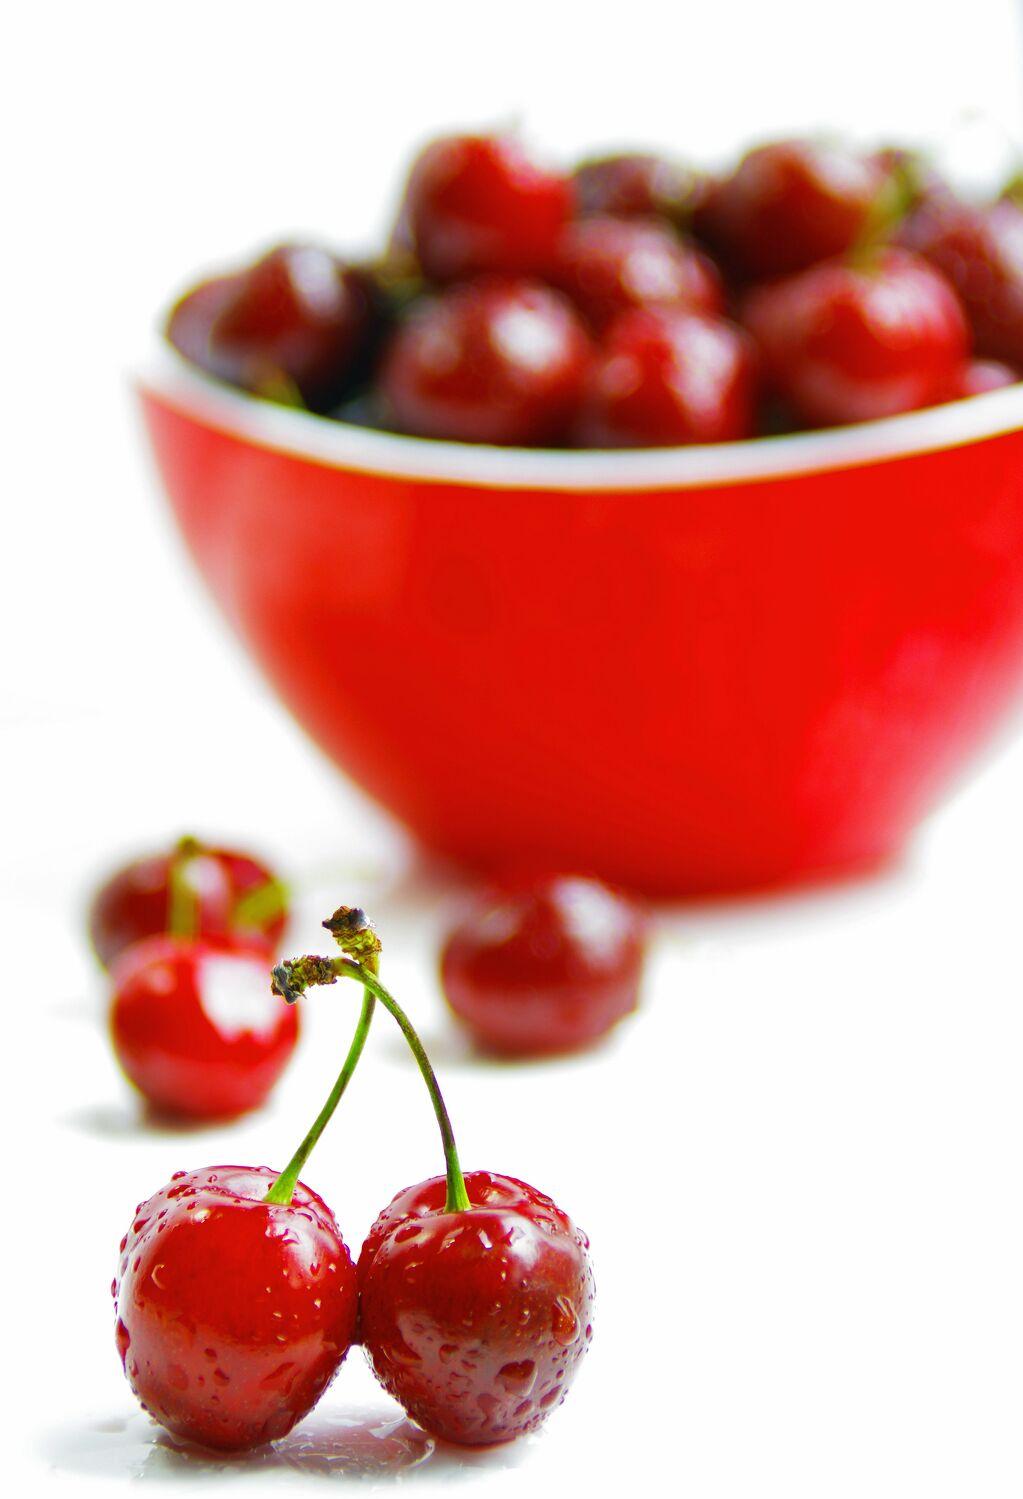 Bild mit Früchte, Lebensmittel, Sommer, Beeren, Frucht, Obst, Küchenbild, Kirsche, Stillleben, Food, Küchenbilder, KITCHEN, GESUND, Küche, Küchen, Kochbild, Beere, Kirschen, vegan, healthy